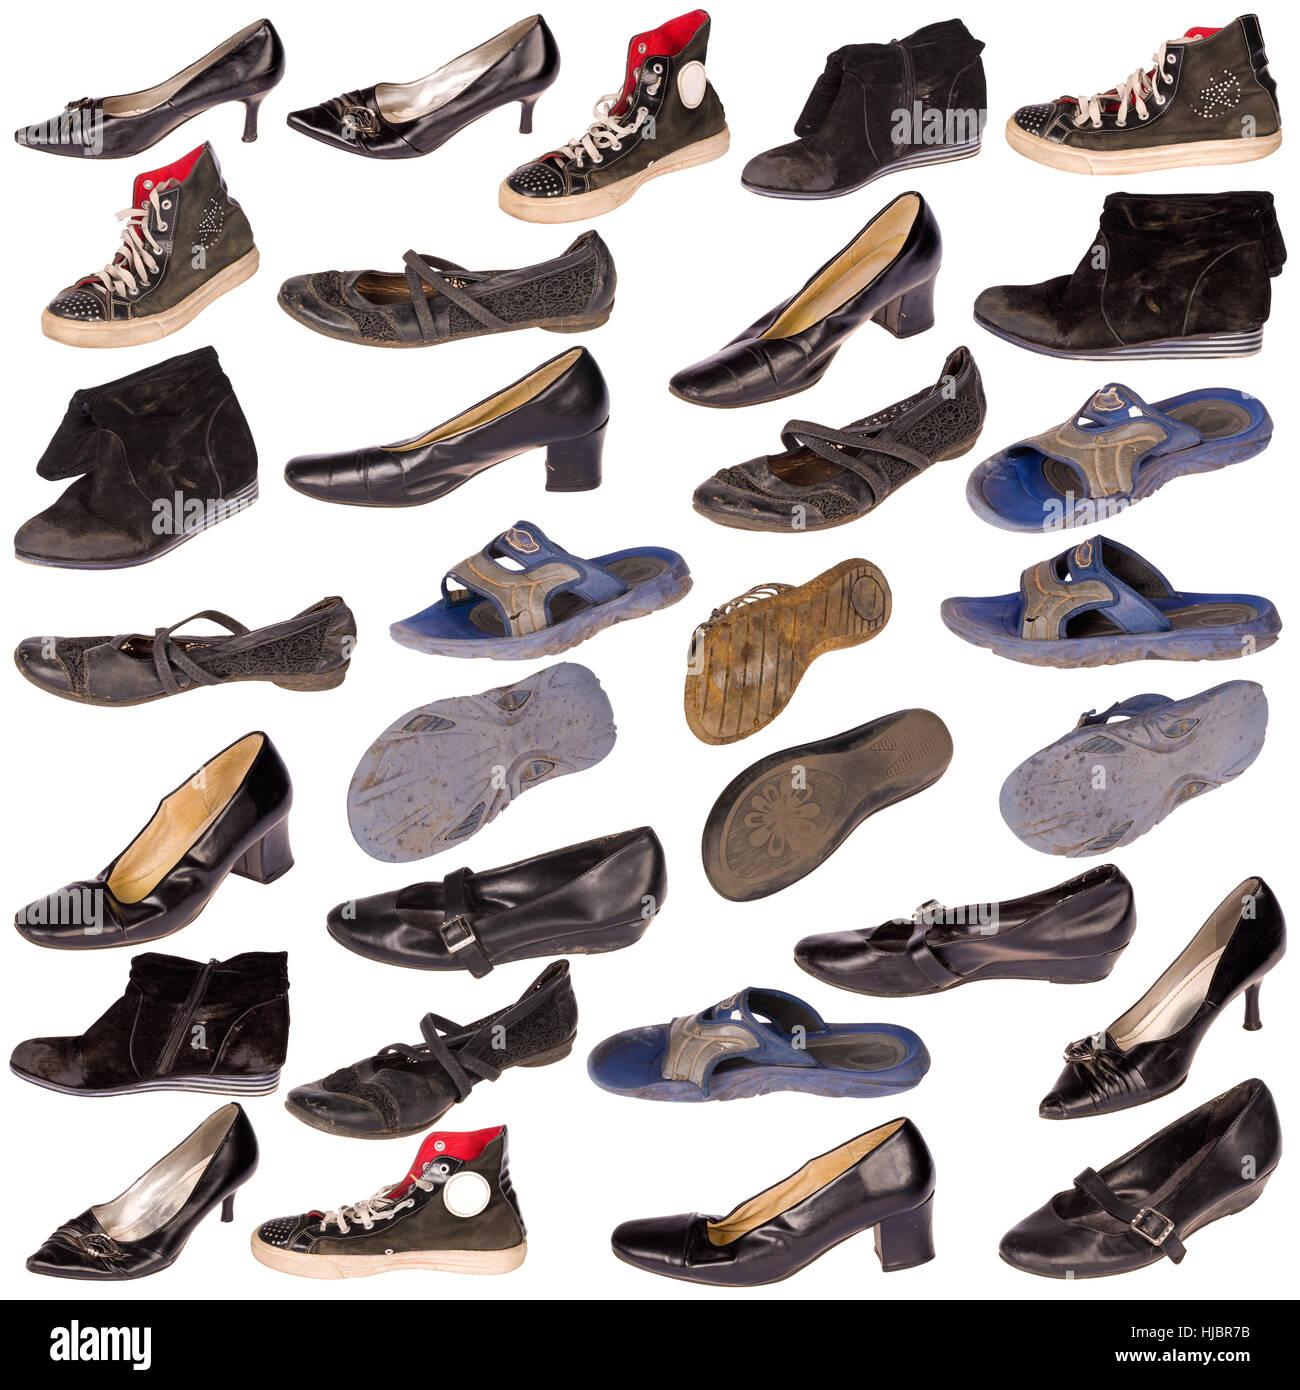 competitive price 3c729 ceb49 Viele alte, gut gebrauchte Schuhe und Stiefel, alle Logos ...